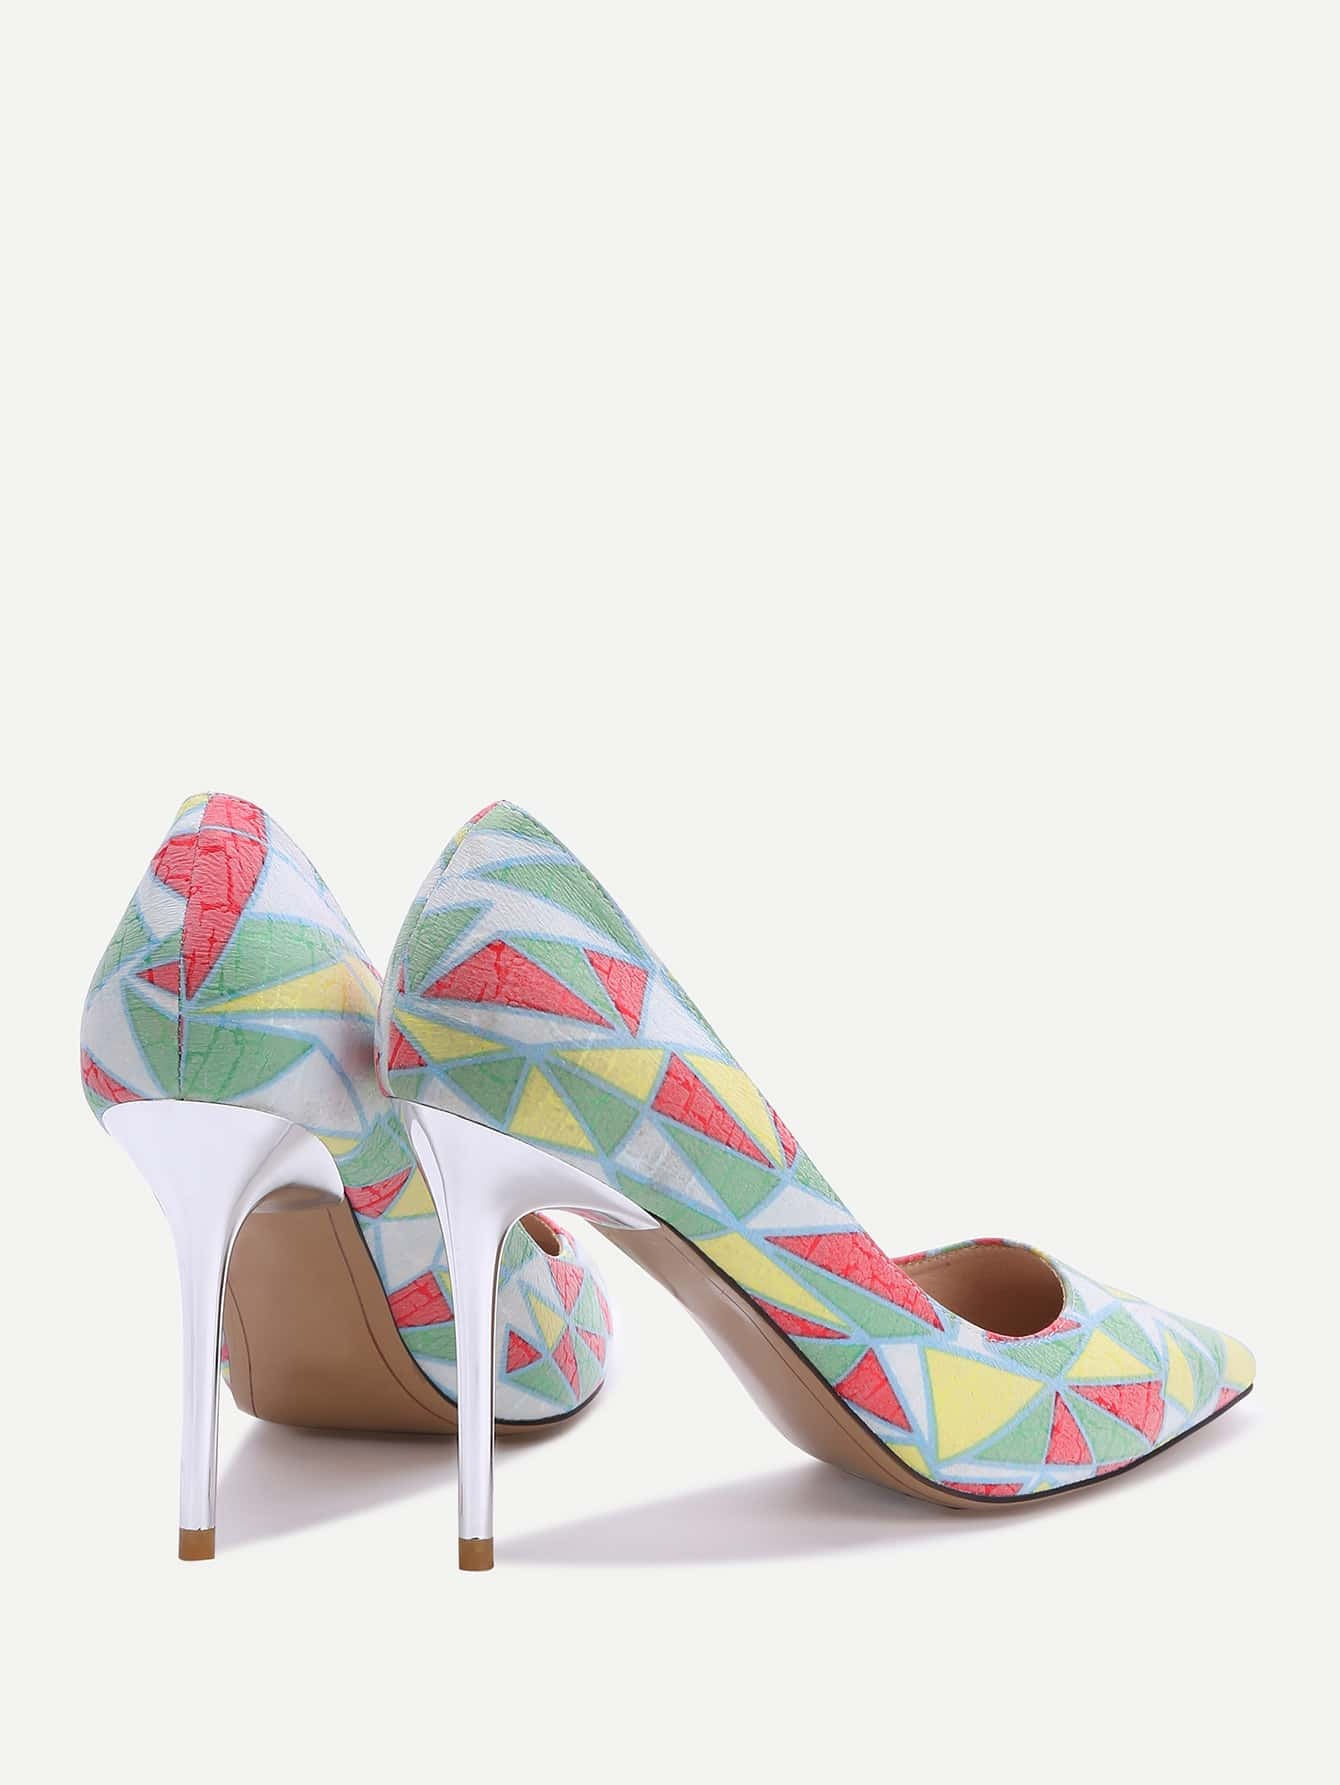 shoes170224807_2